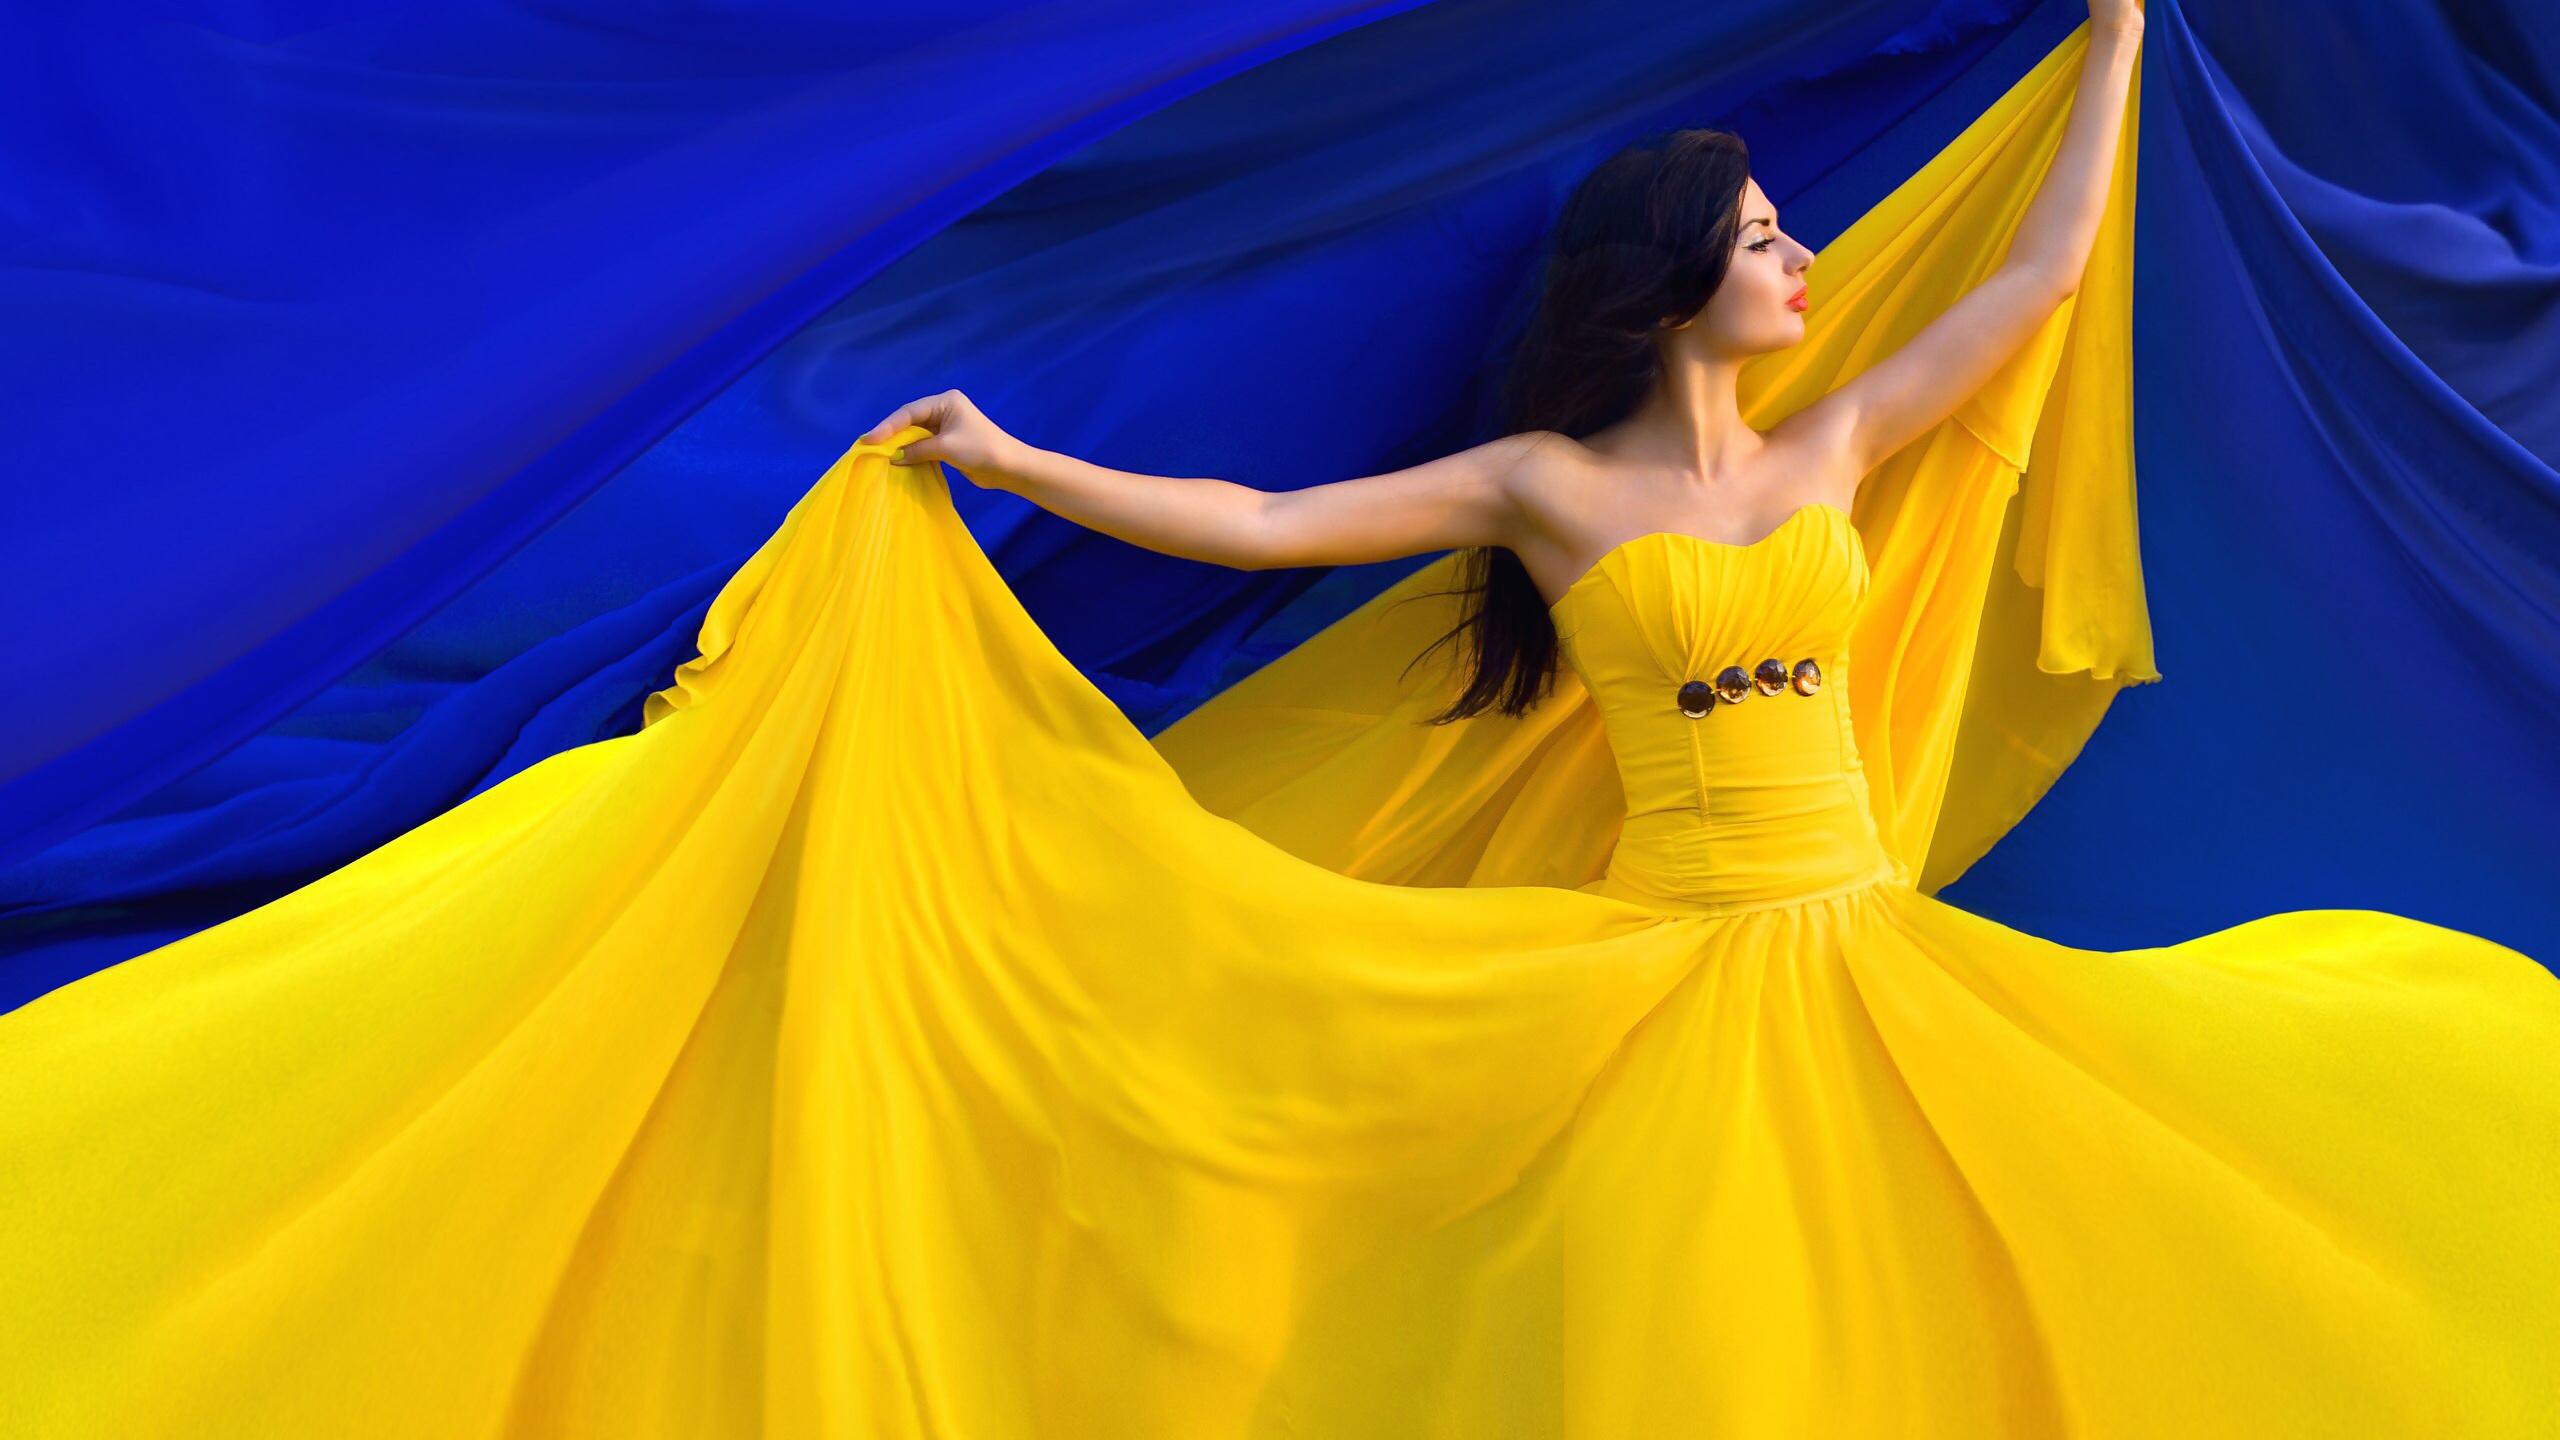 переключения сделать фото на фоне флага украины огинского тоже